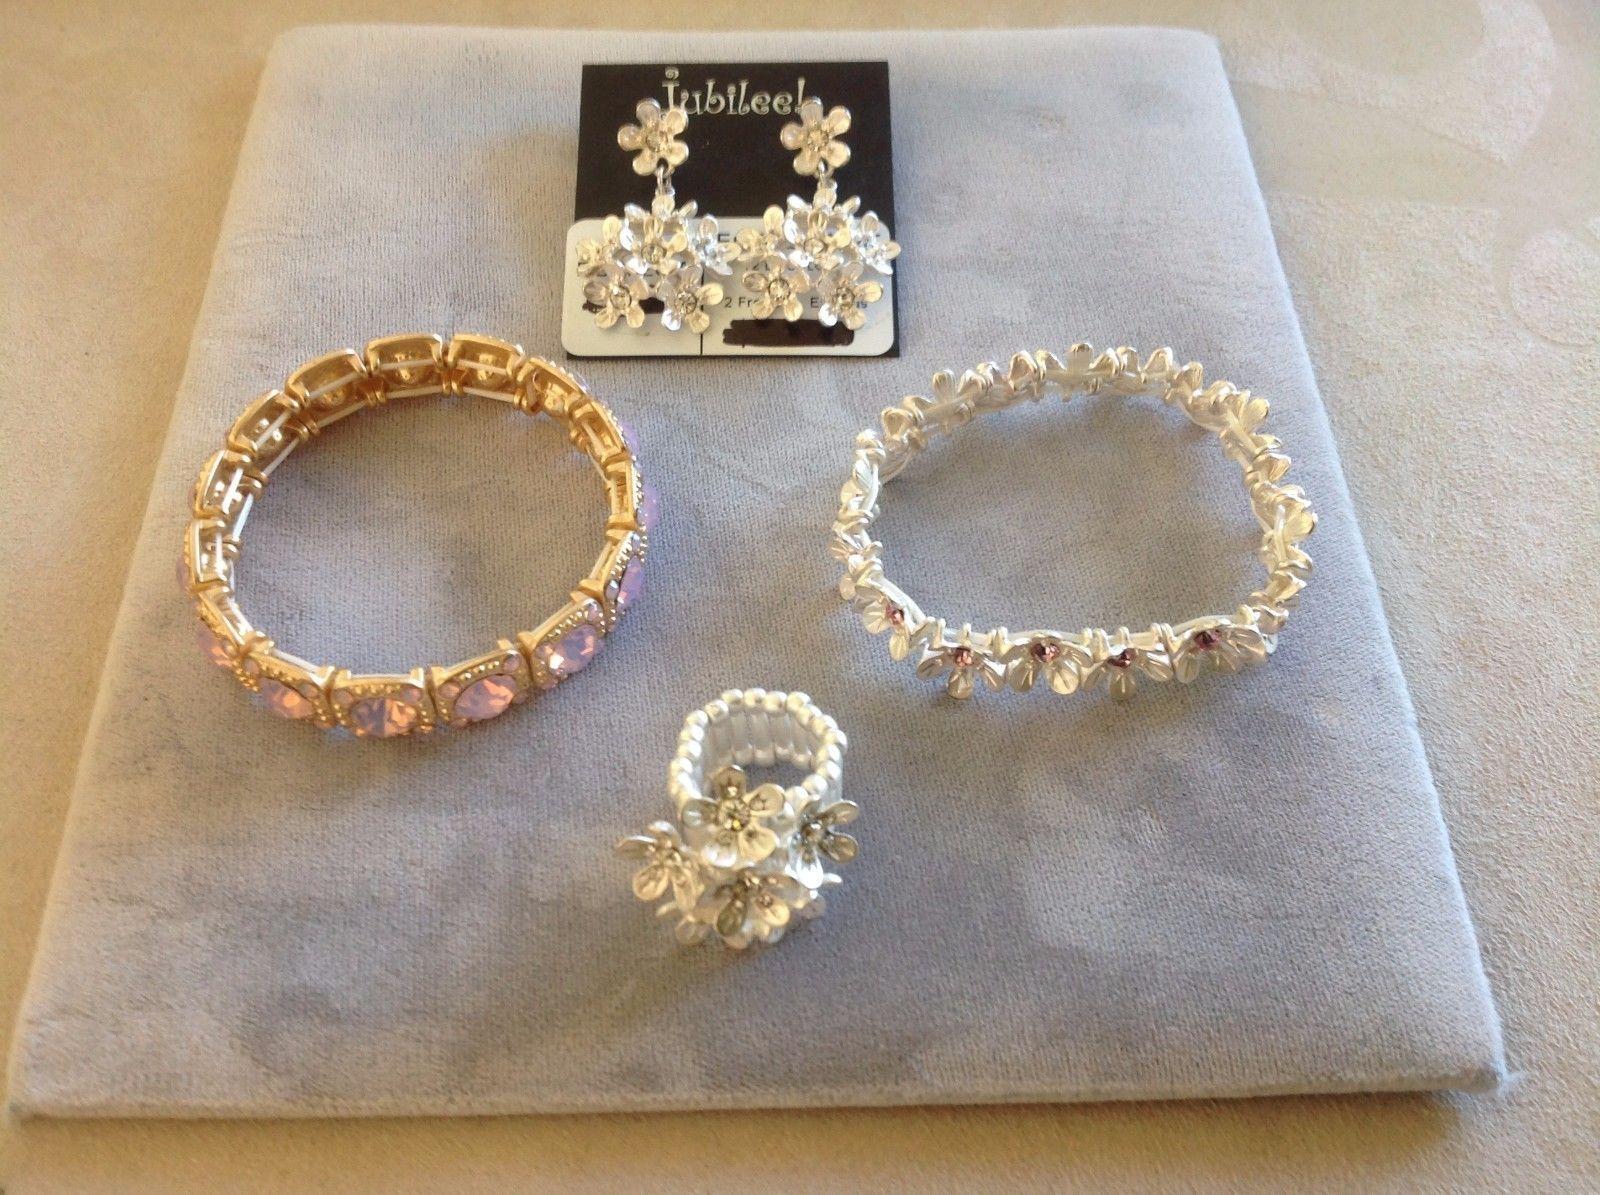 New Jubilee! Floral Silver Toned Jewelry Set Ring Earrings Bracelet Pink